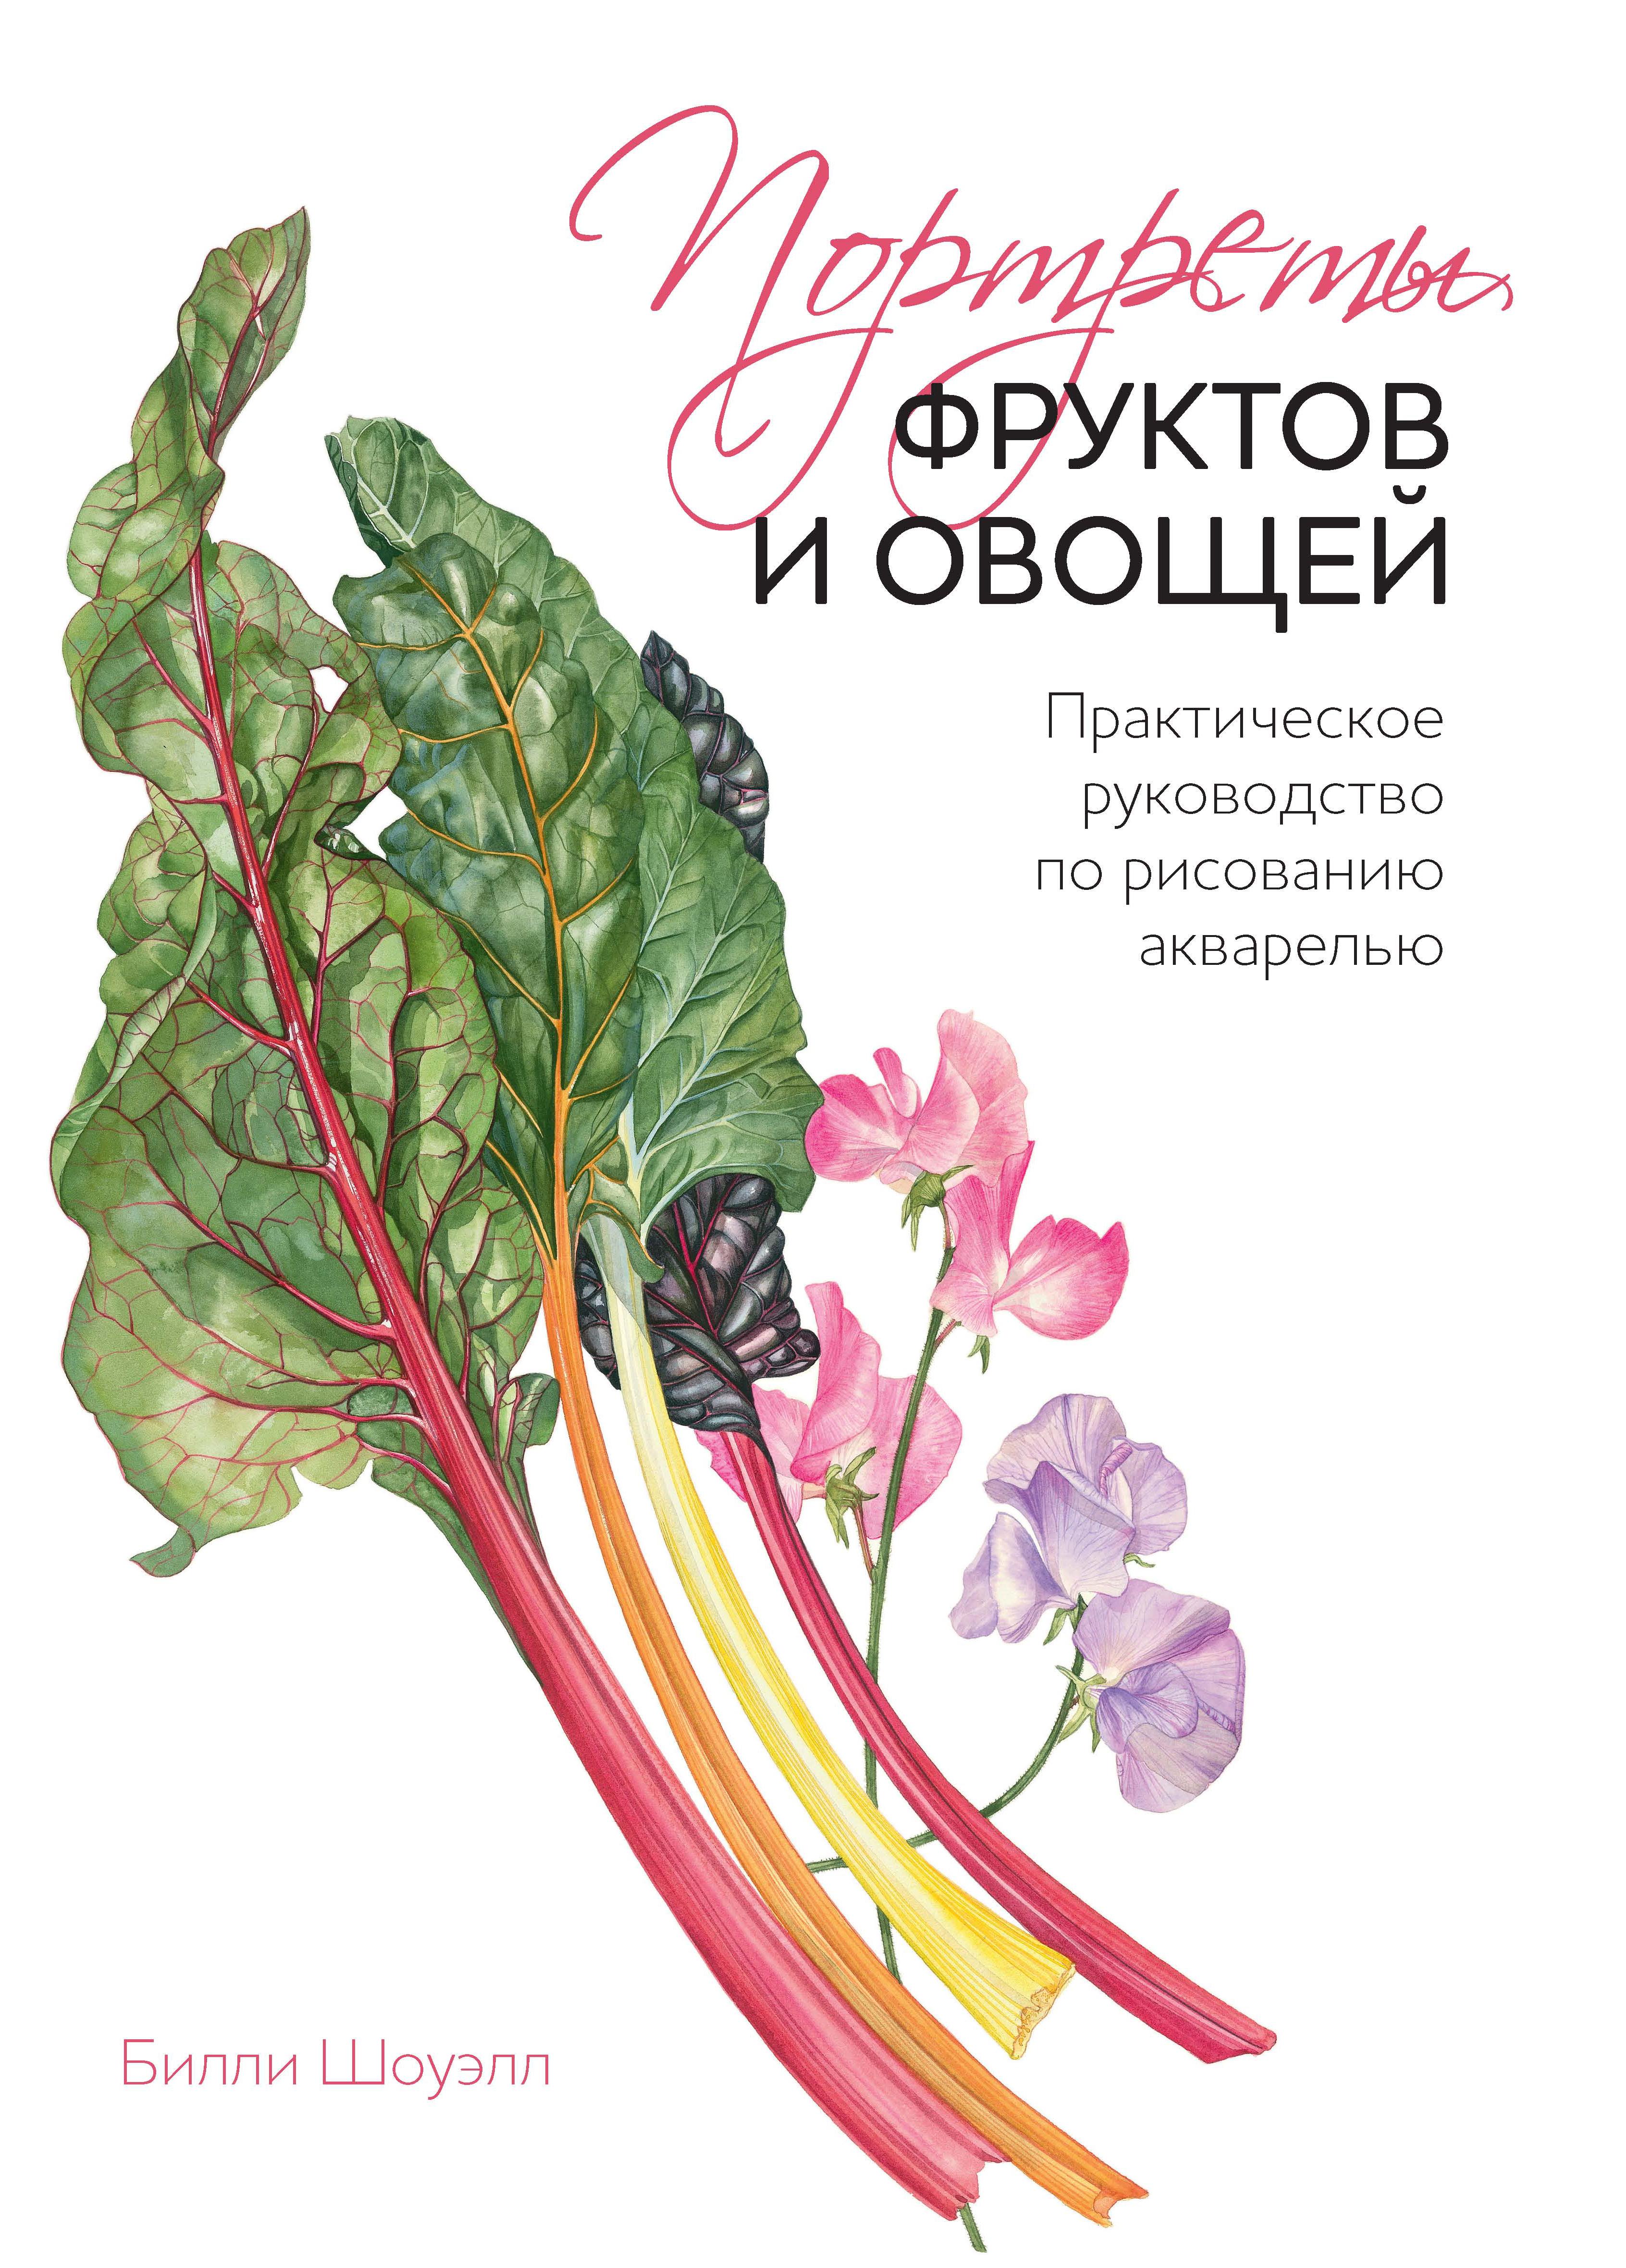 Портреты фруктов и овощей. Практическое руководство по рисованию акварелью ( Шоуэлл Билли  )